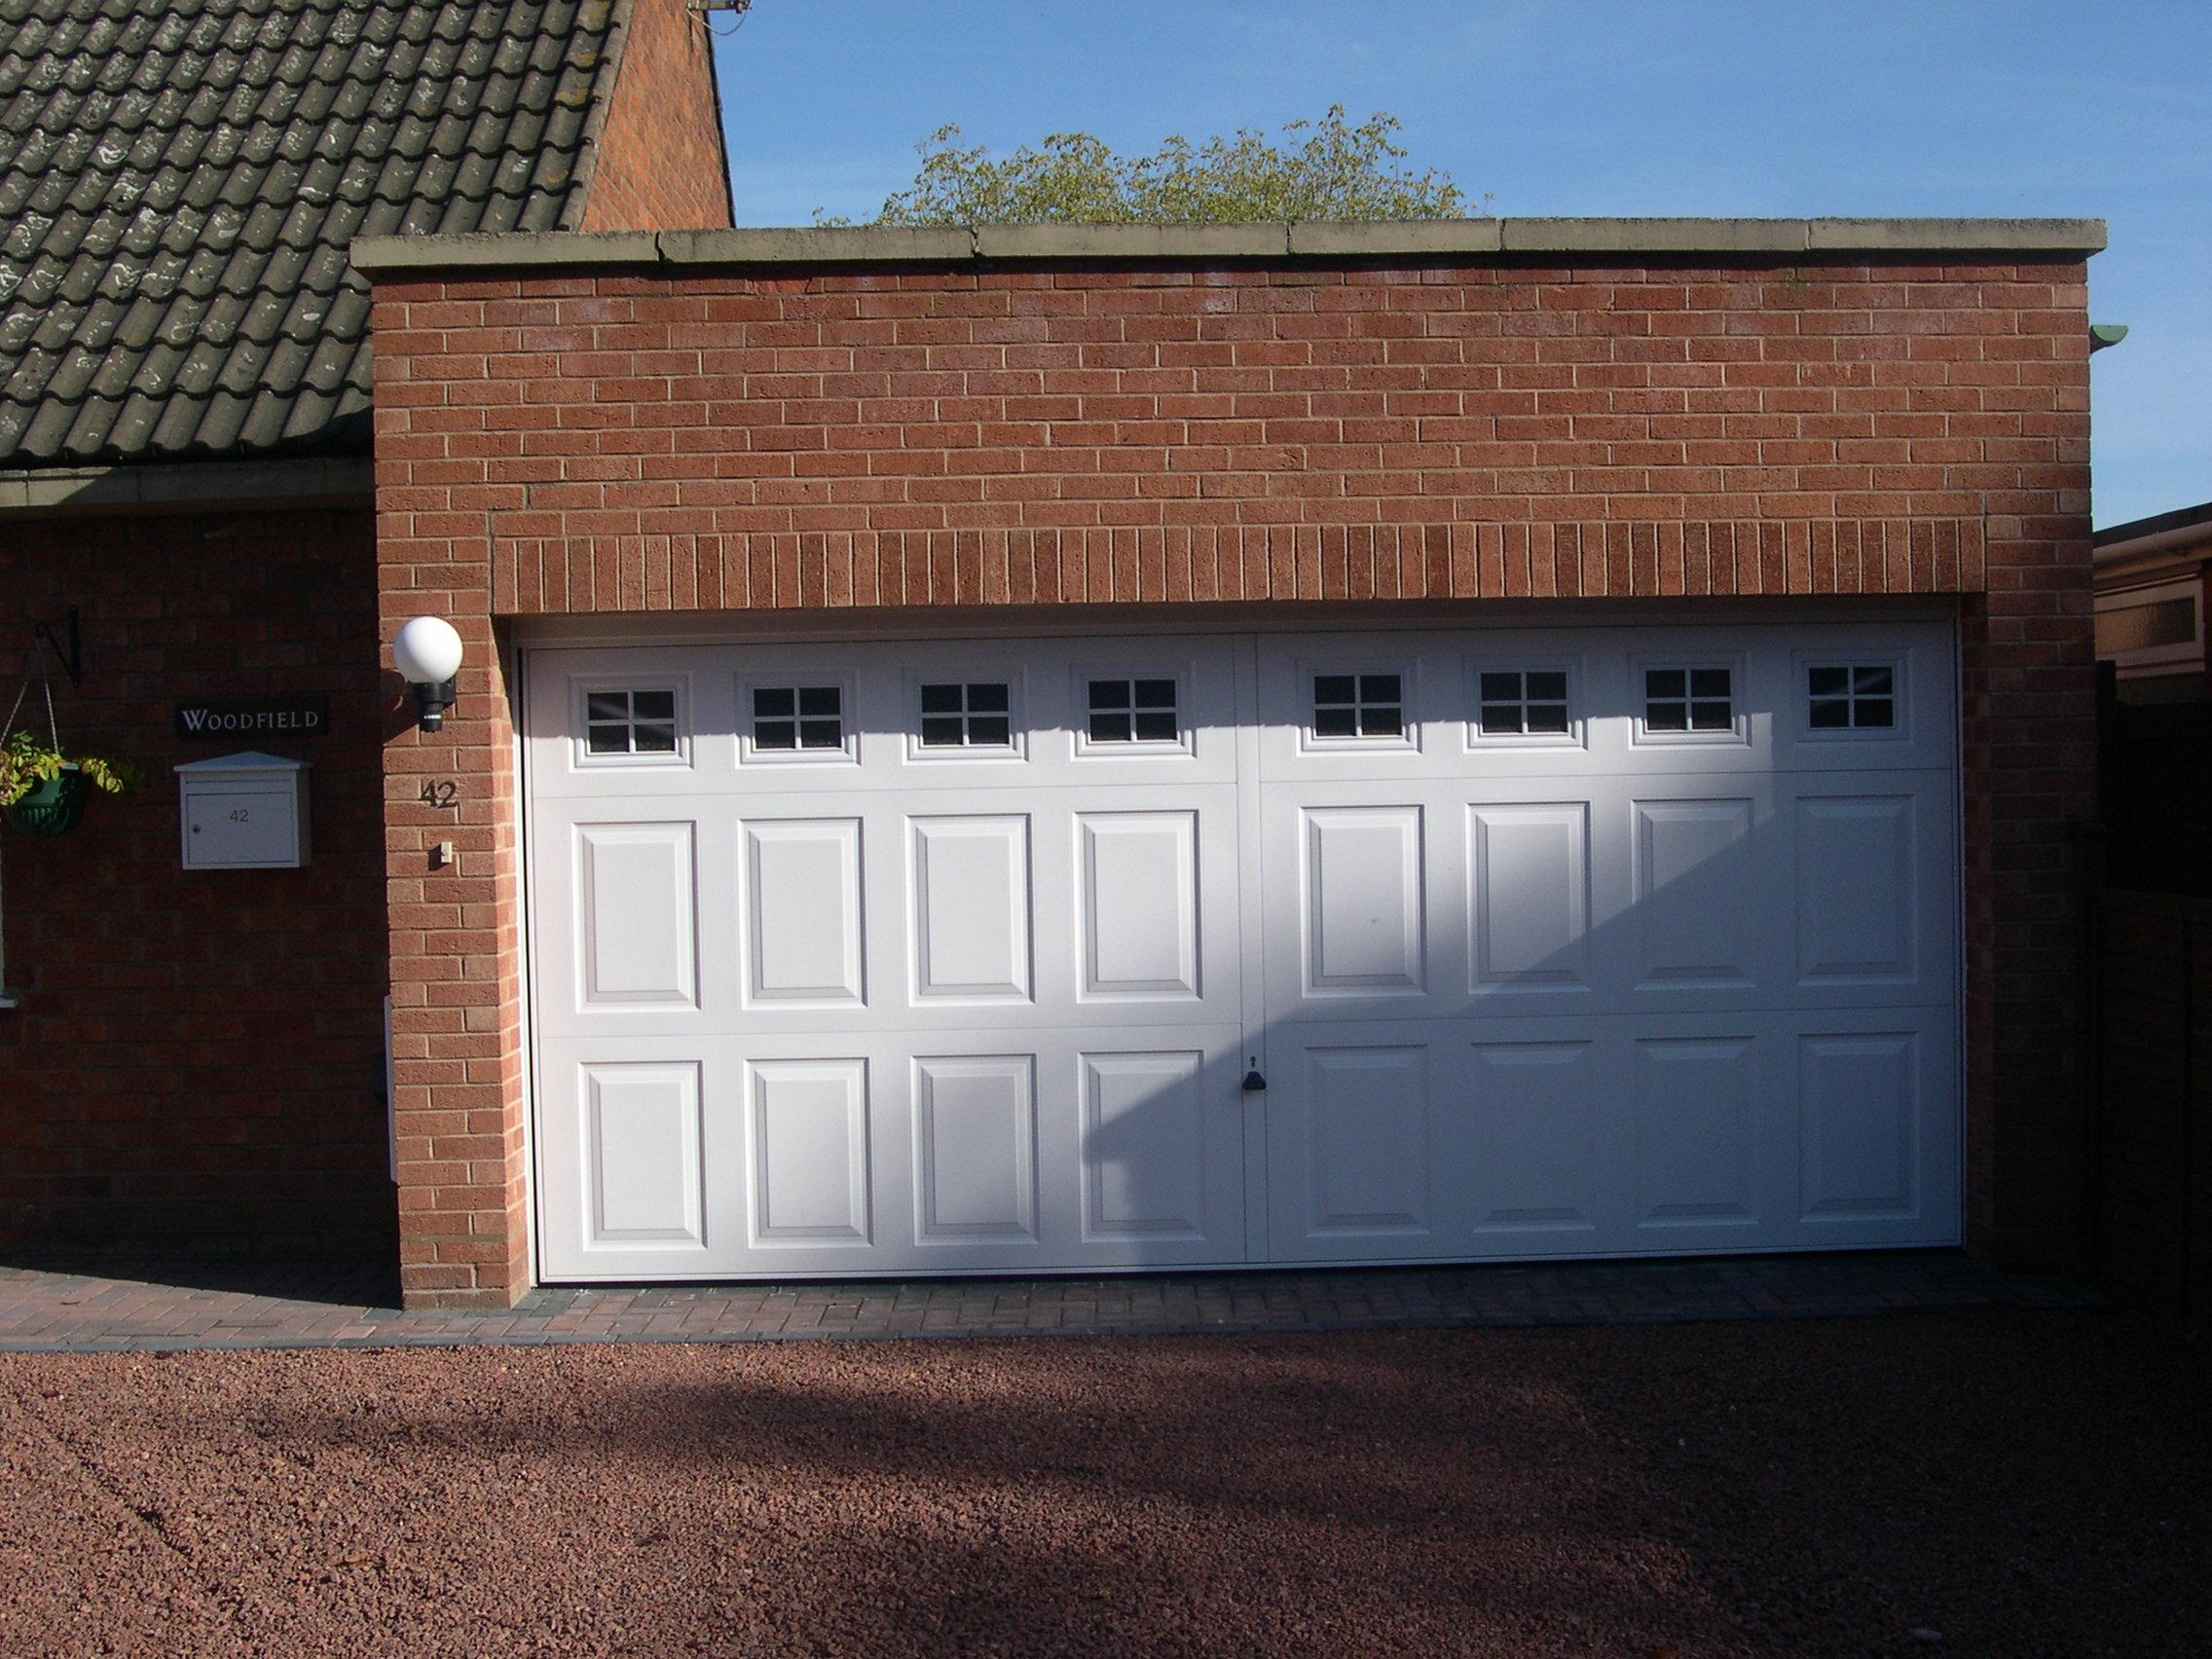 1704 #376694  Recent Work Garage Doors Categories Garage Doors Archives January 2016 picture/photo Gallery Garage Doors 35892272